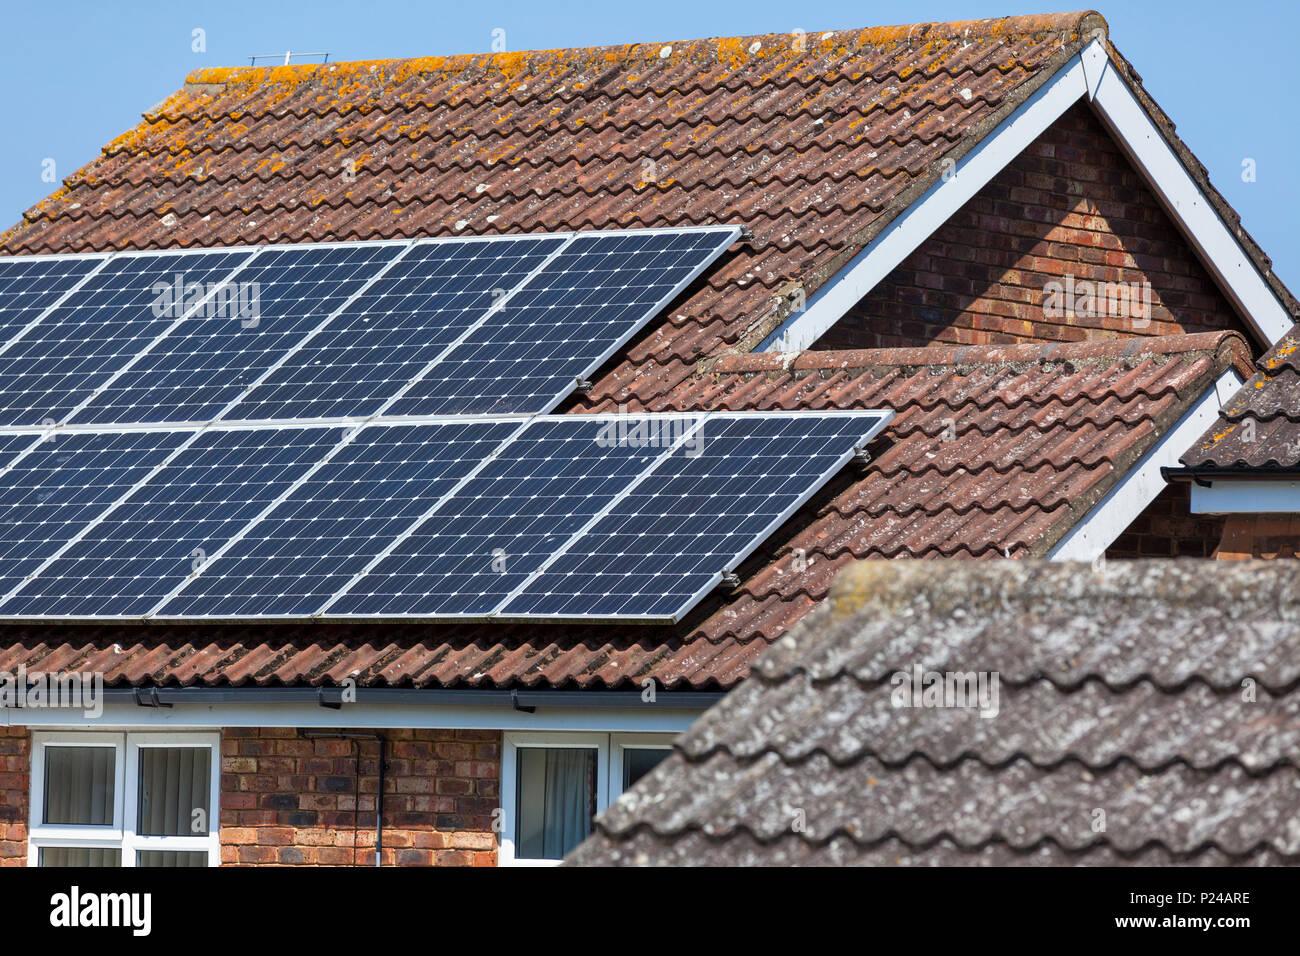 Paneles solares en el tejado de una casa, reino unido Imagen De Stock